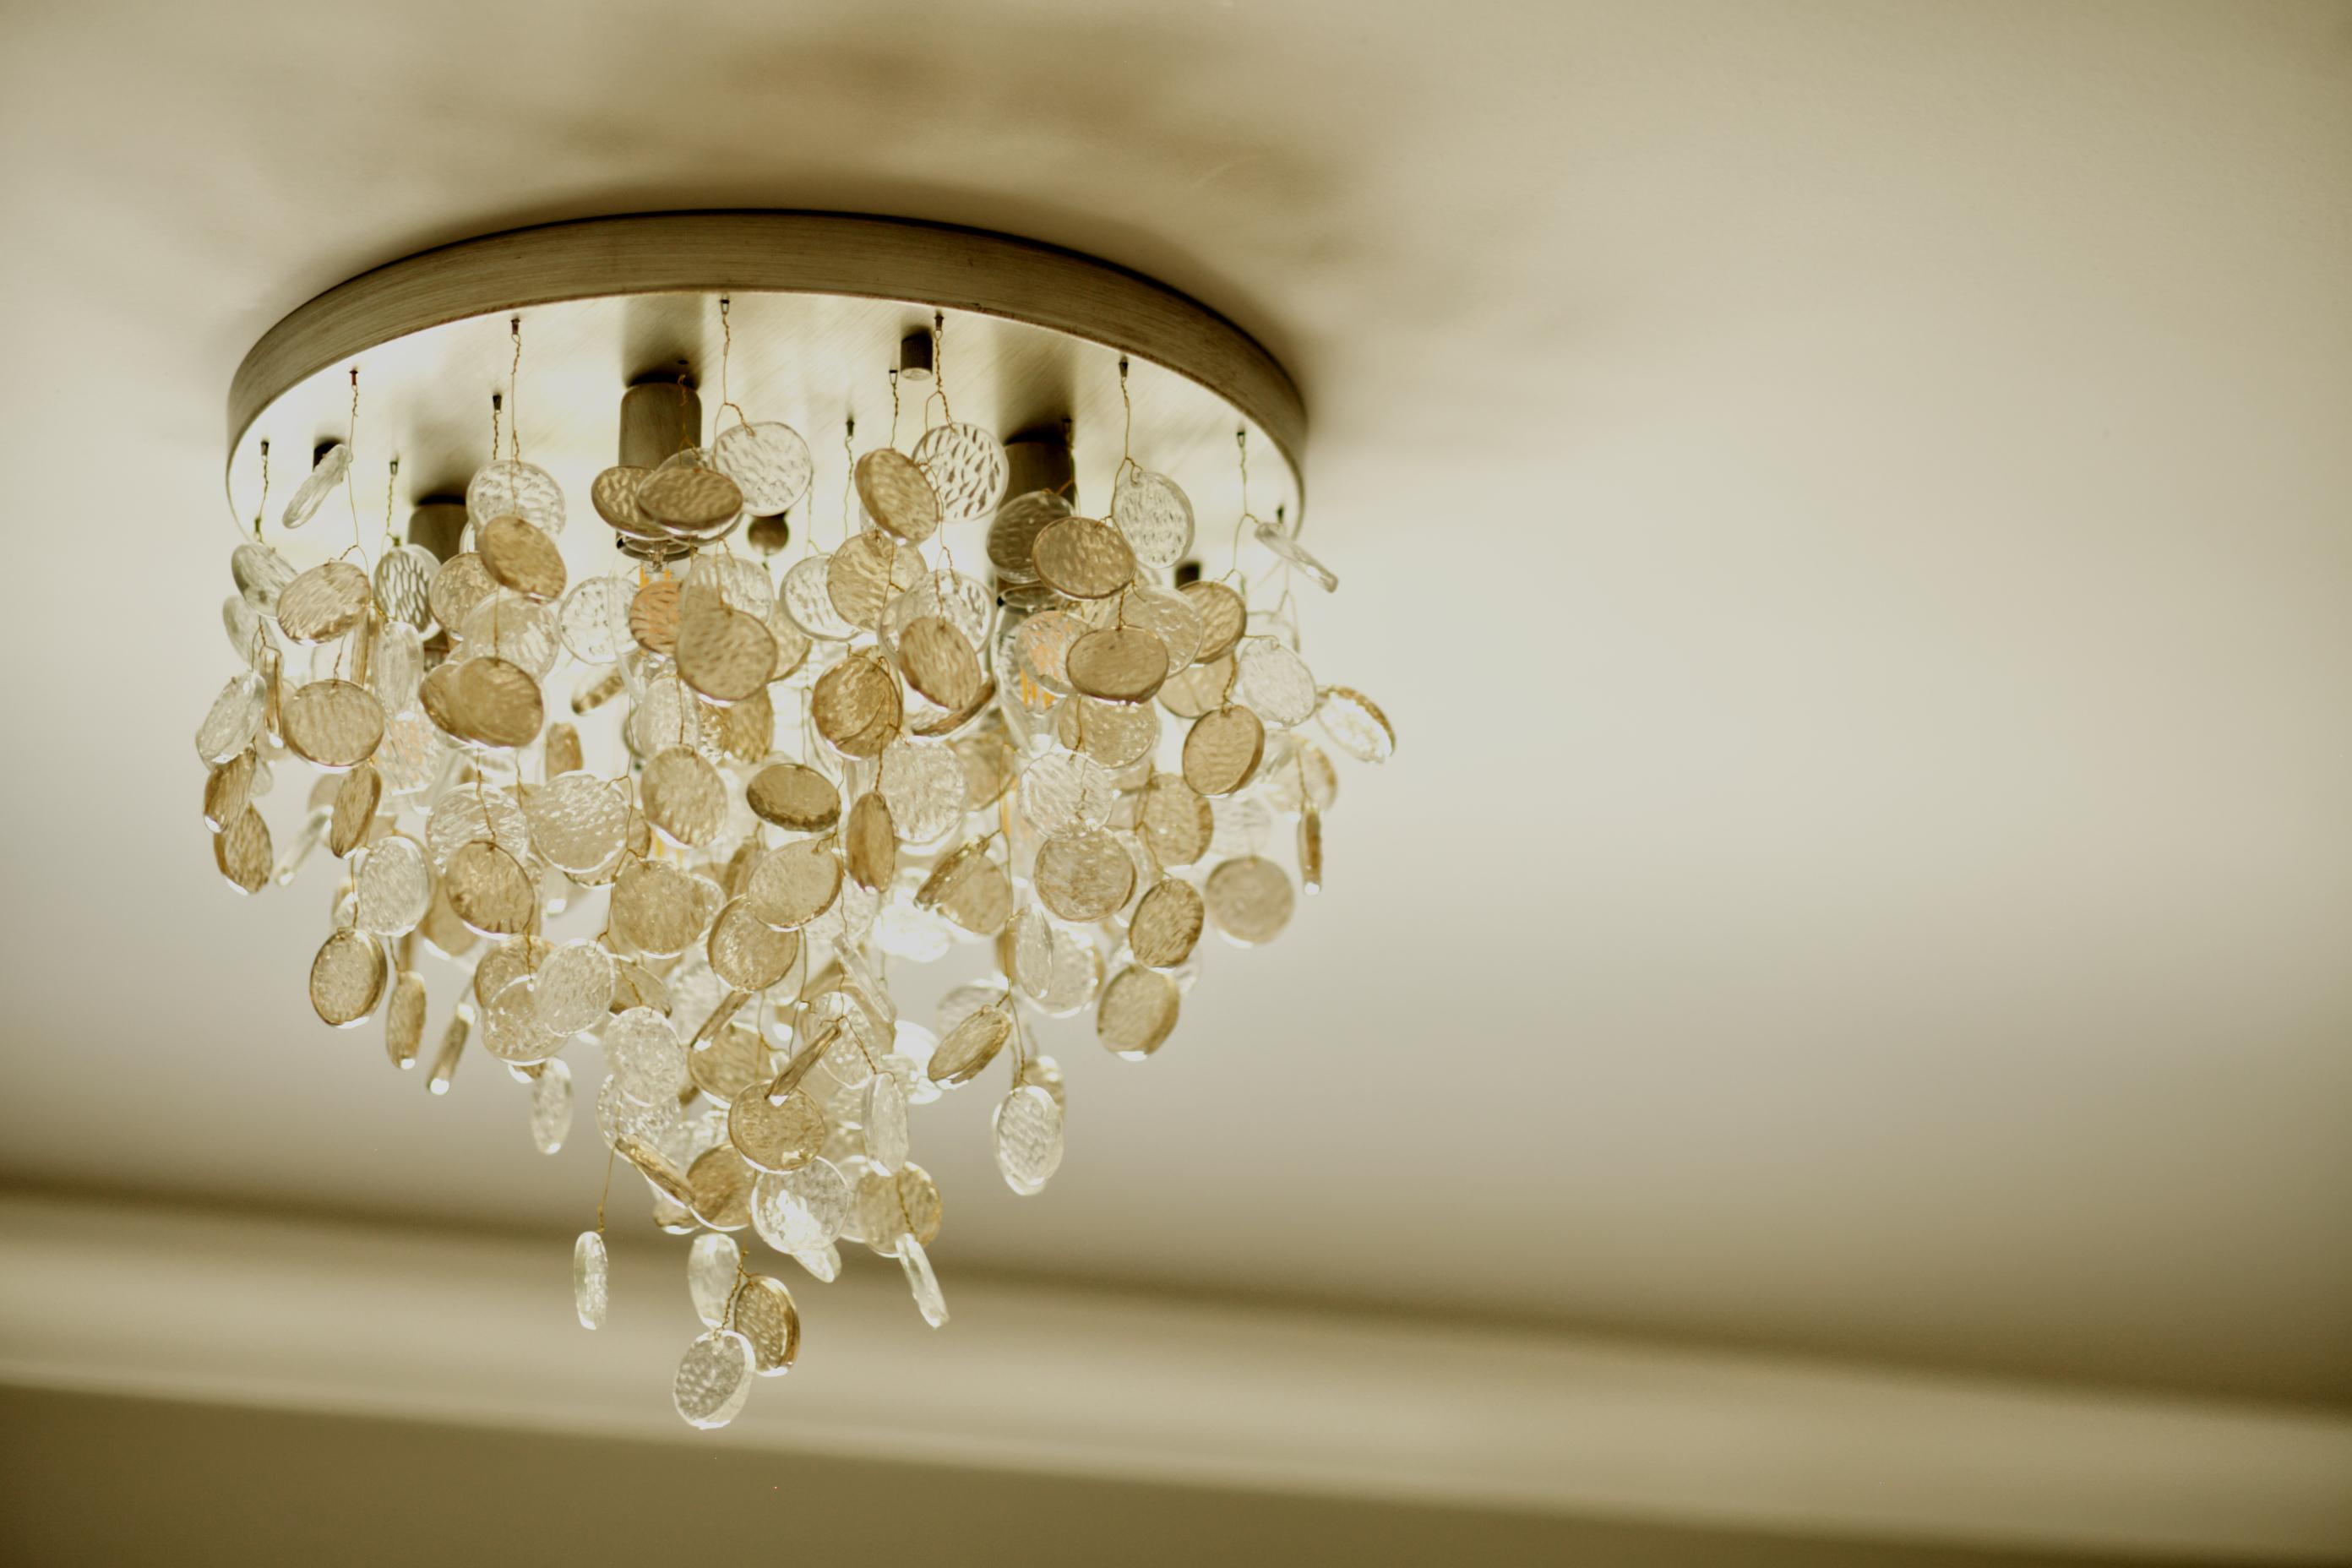 Ceiling light in full